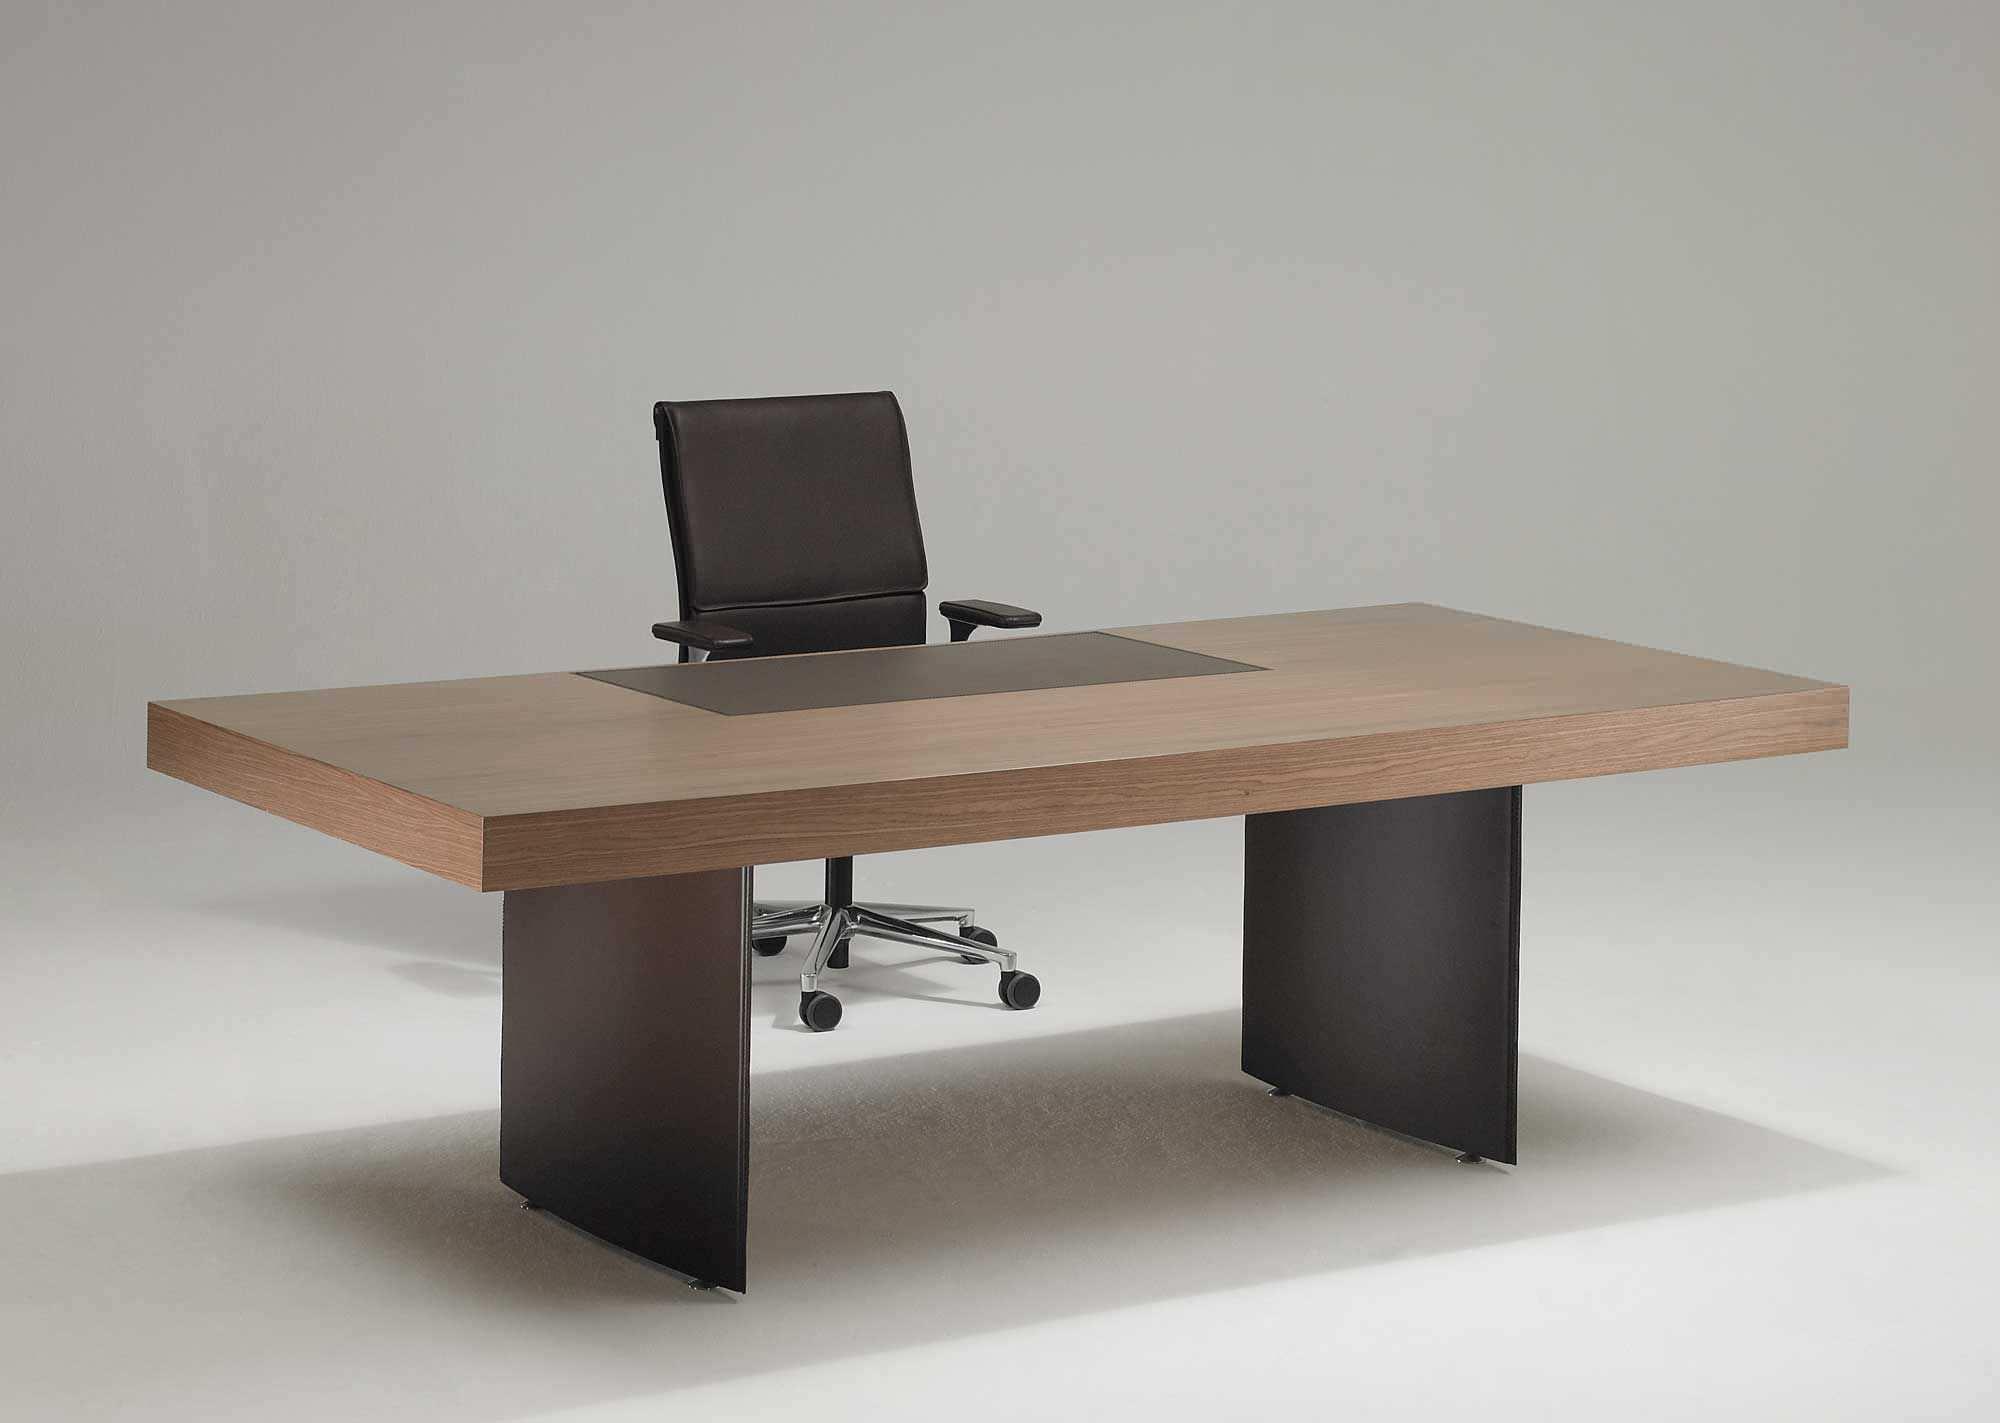 Schreibtisch modern  Chefschreibtisch / Holz / modern / Gewerbe - ORION - Protis